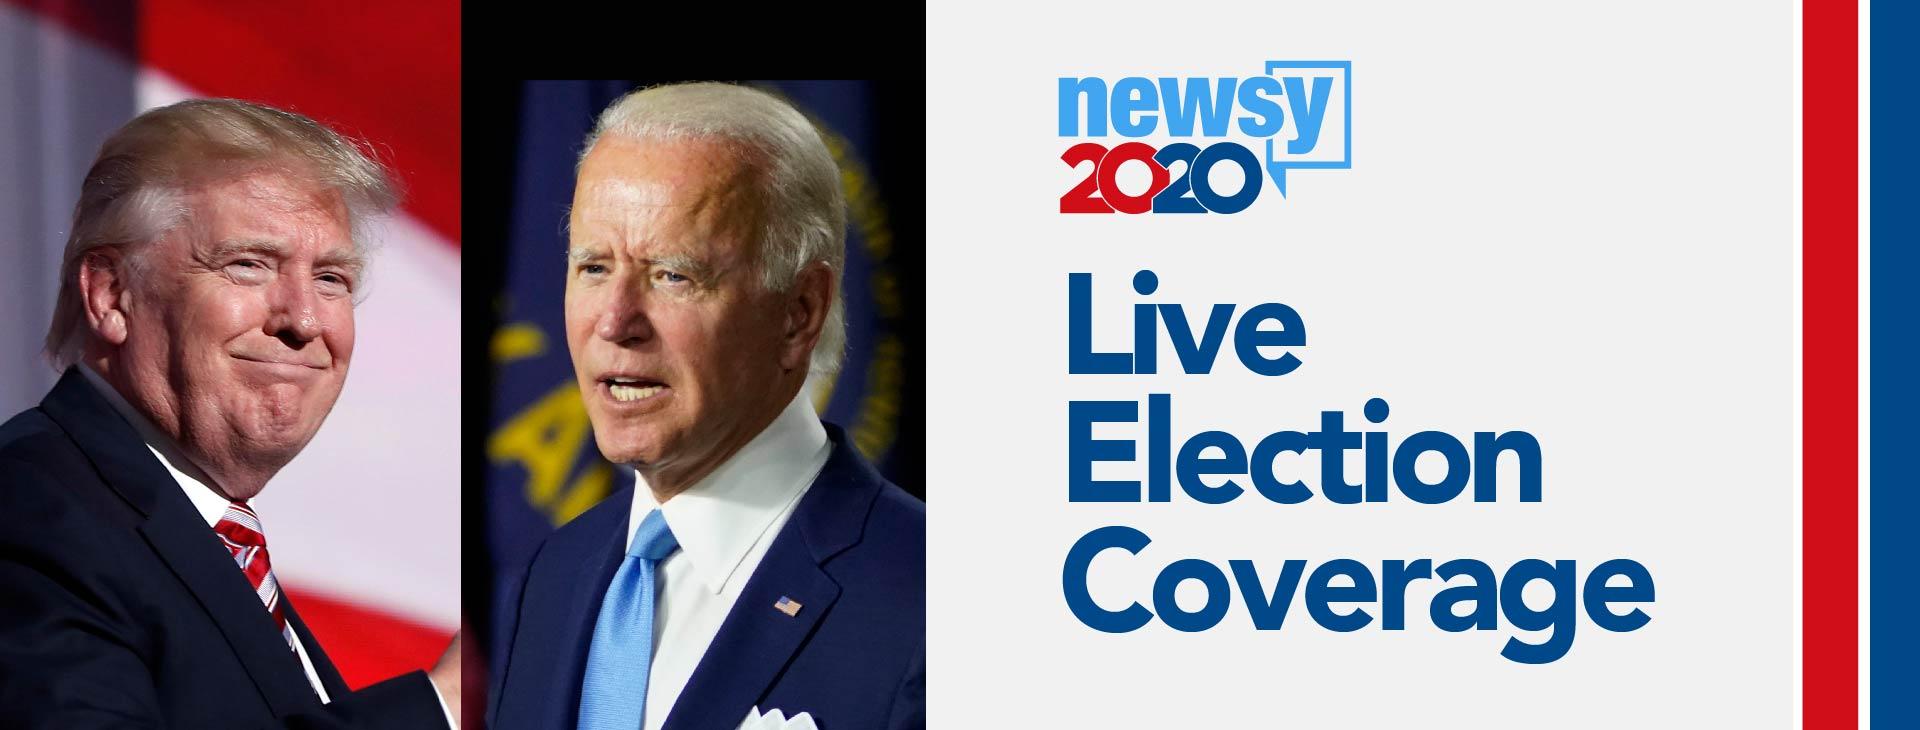 Newsy 2020